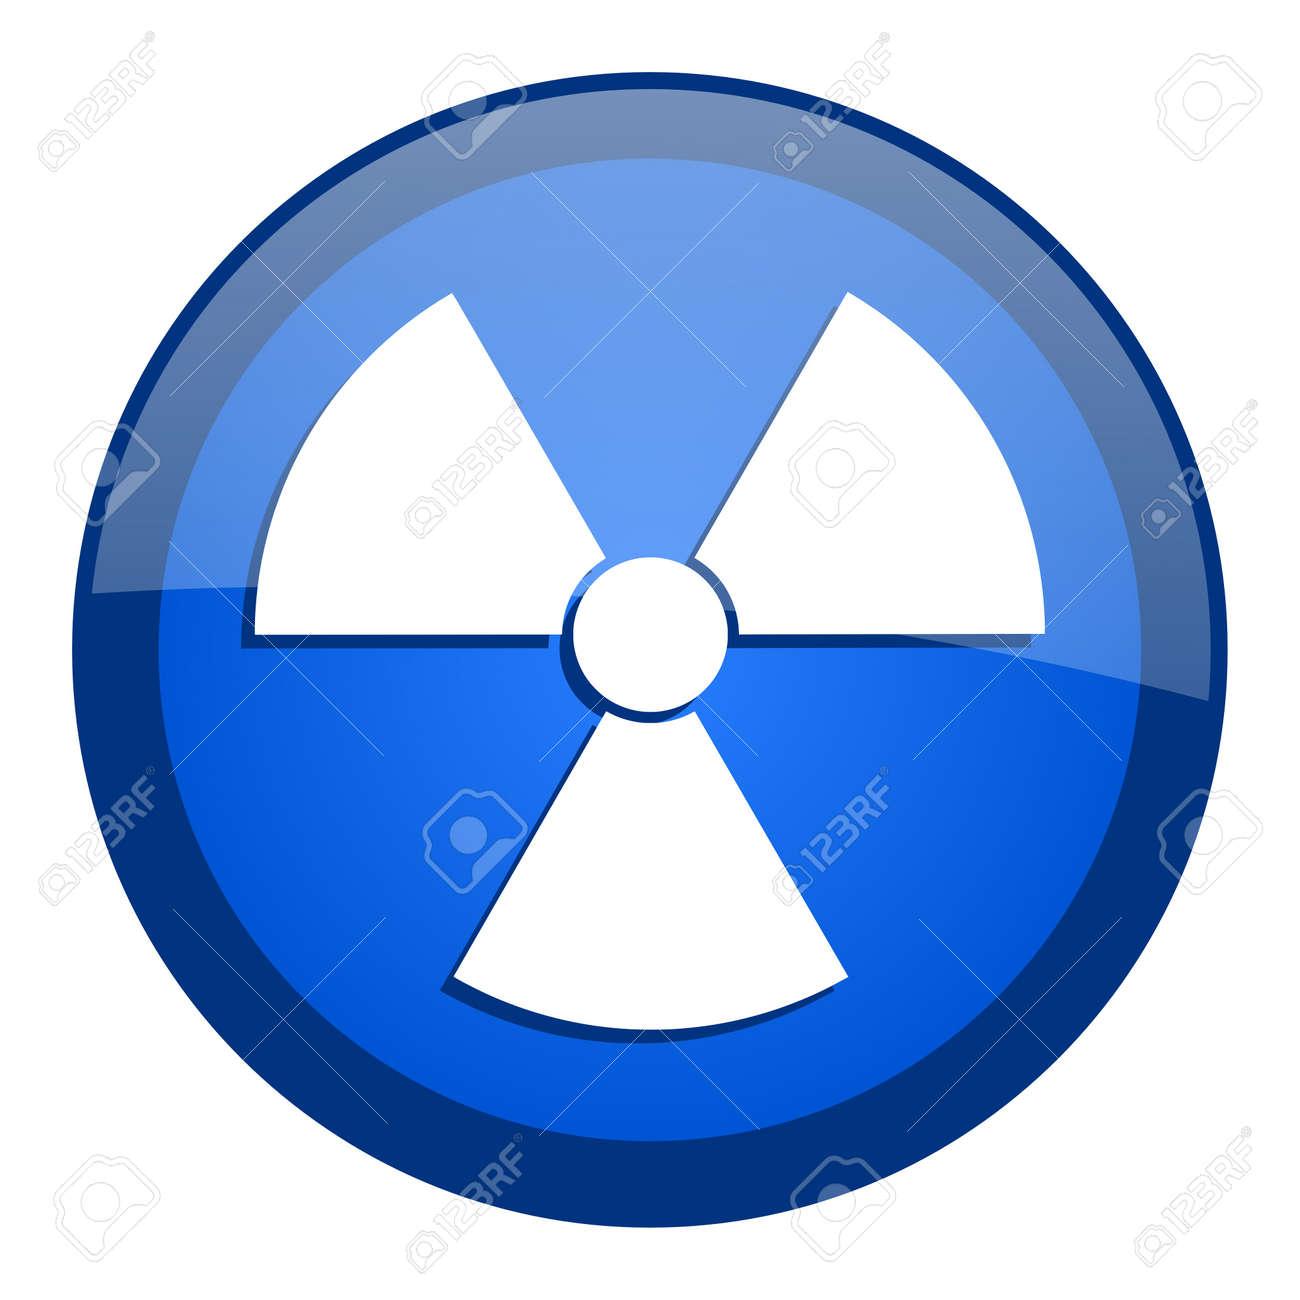 radiation icon Stock Photo - 20699270